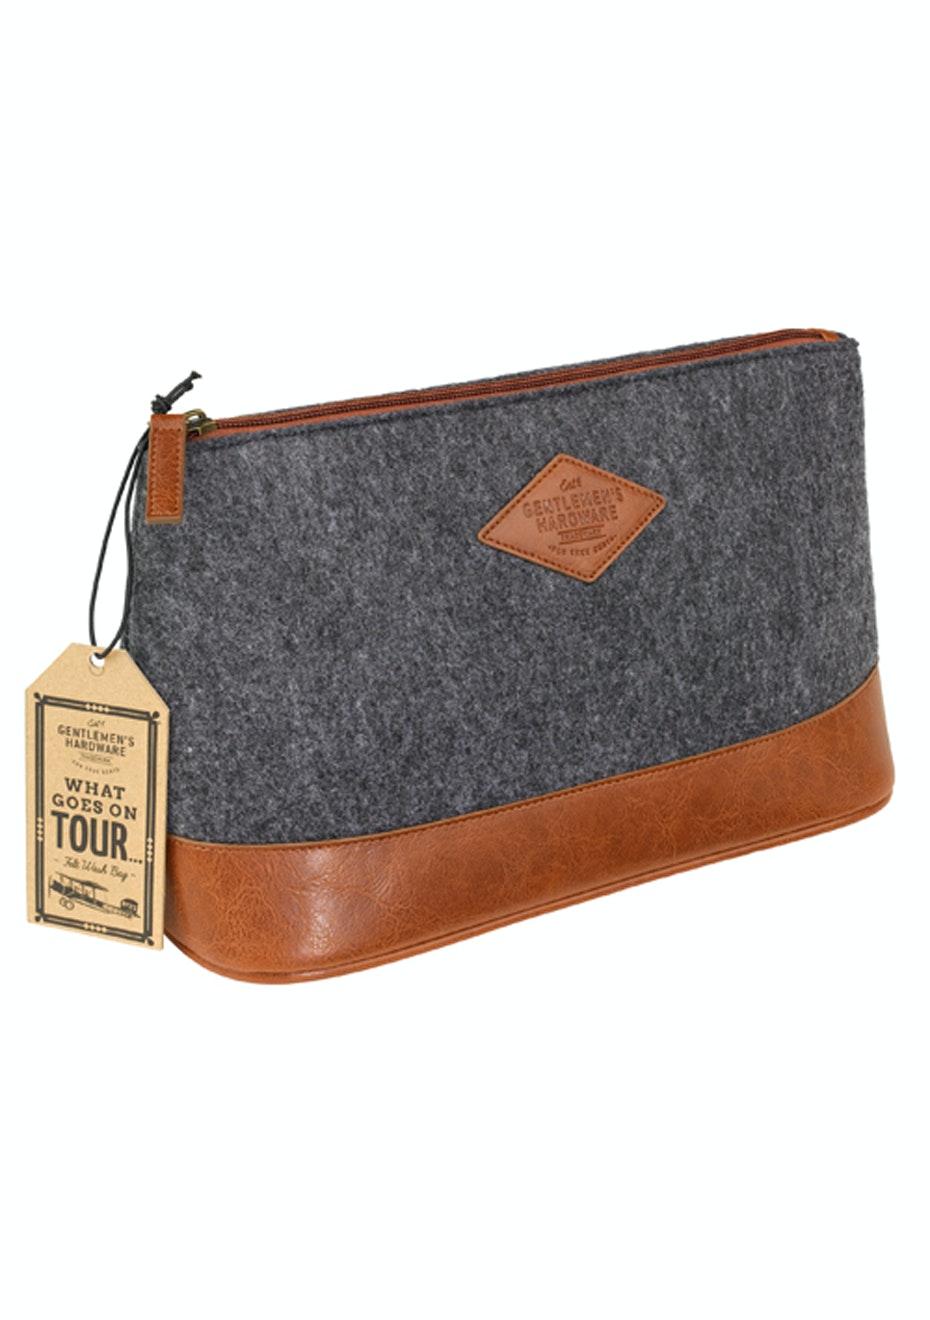 Gents Hardware - Wash Bag